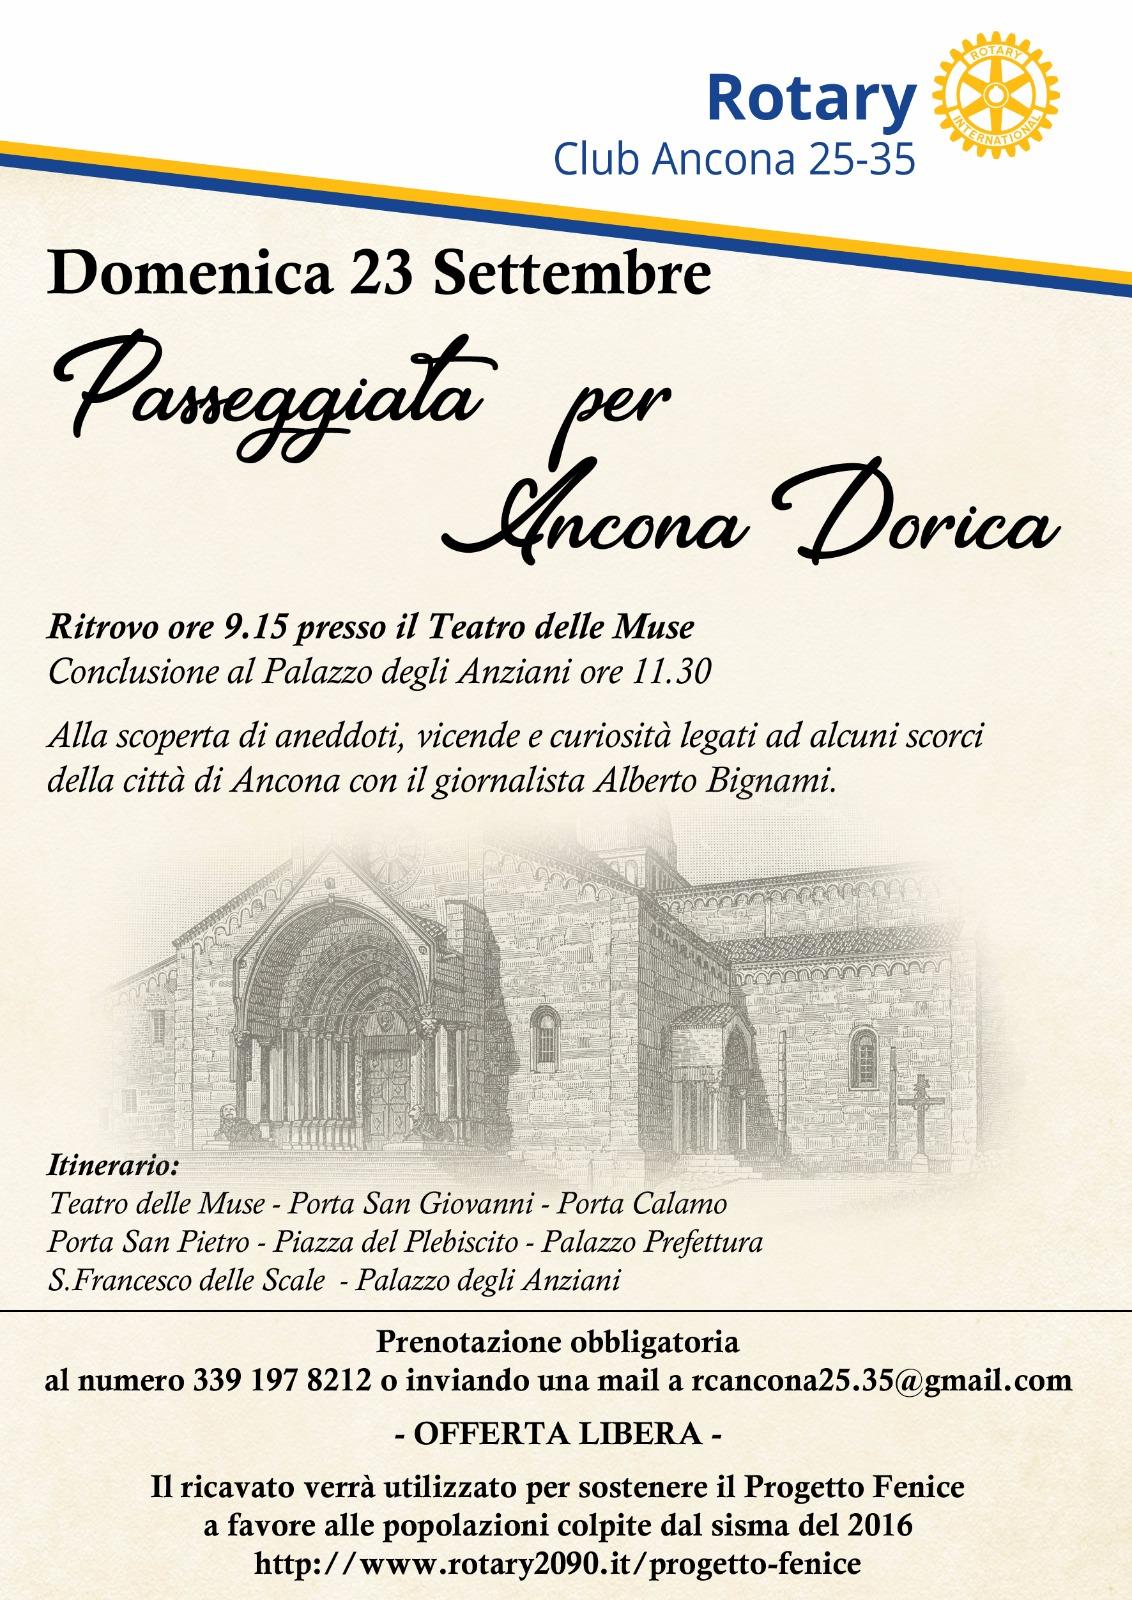 Miniatura per l'articolo intitolato:Passeggiata per Ancona Dorica a favore del Progetto Fenice